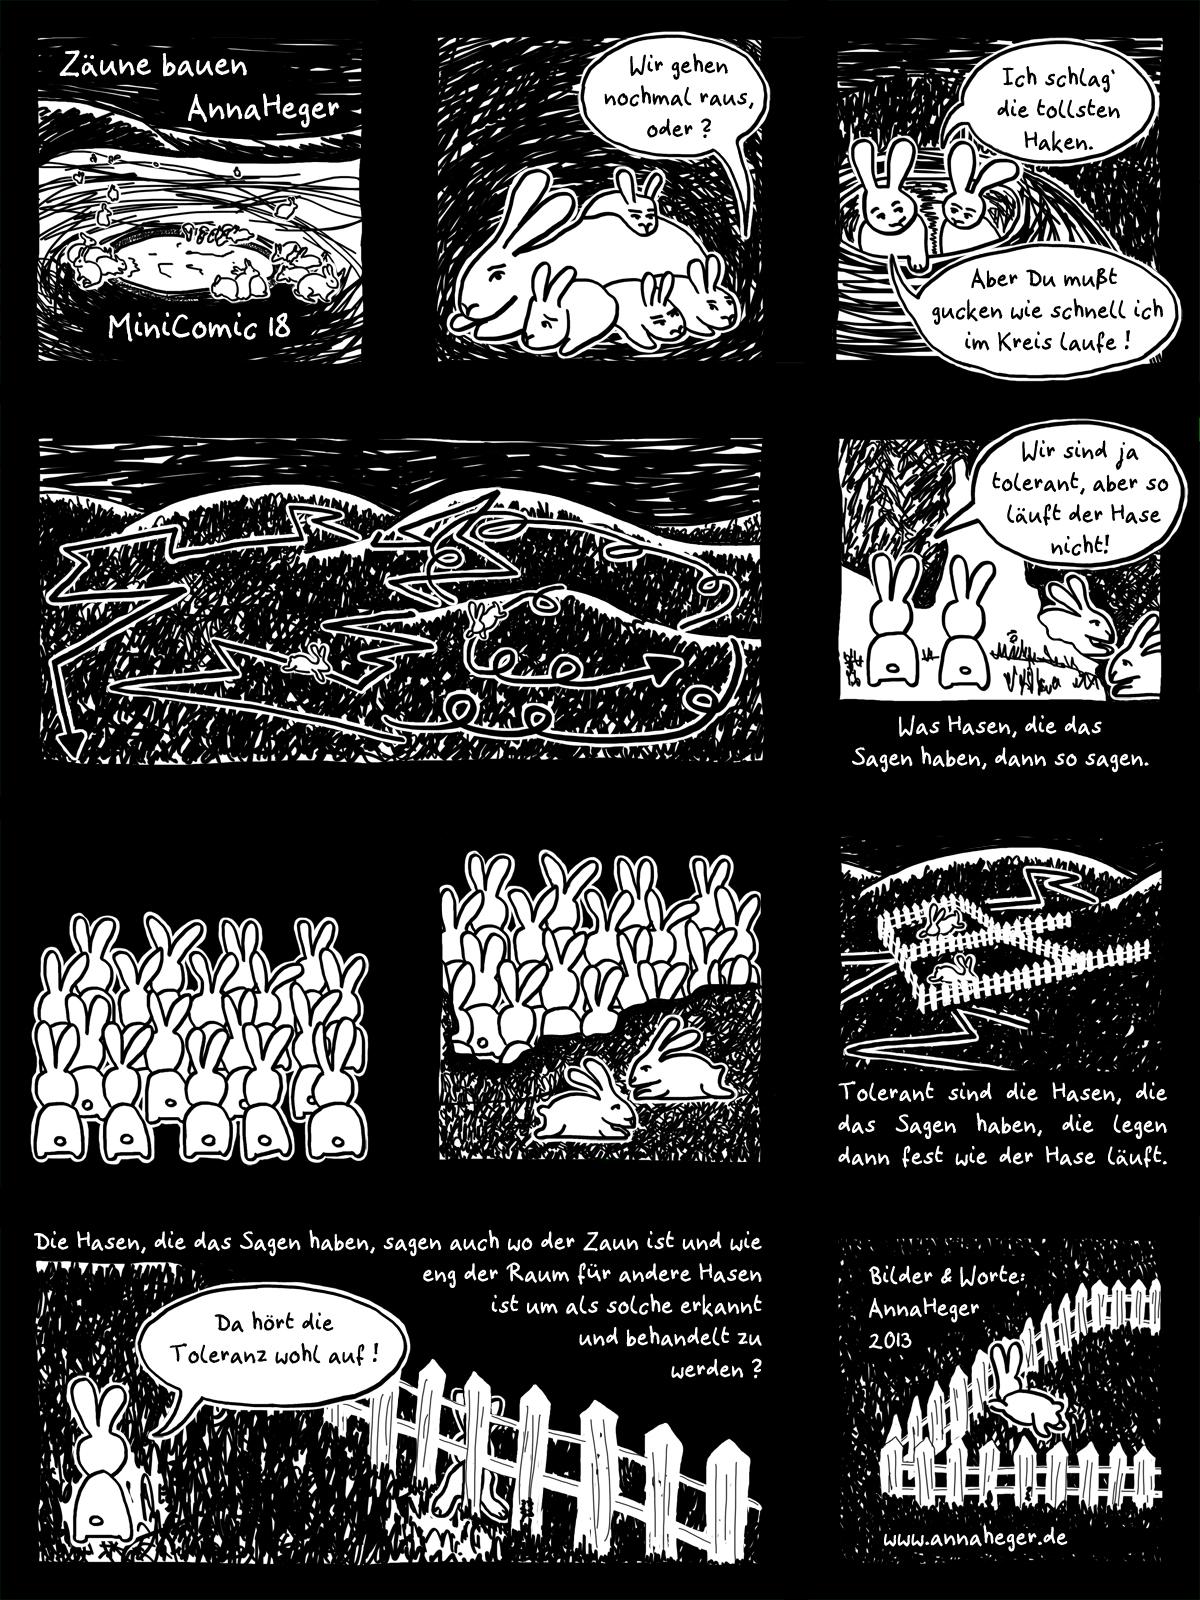 MiniComic 18 Zäune Bauen, das ganze Comic wird im folgenden in reinen Text transkribiert